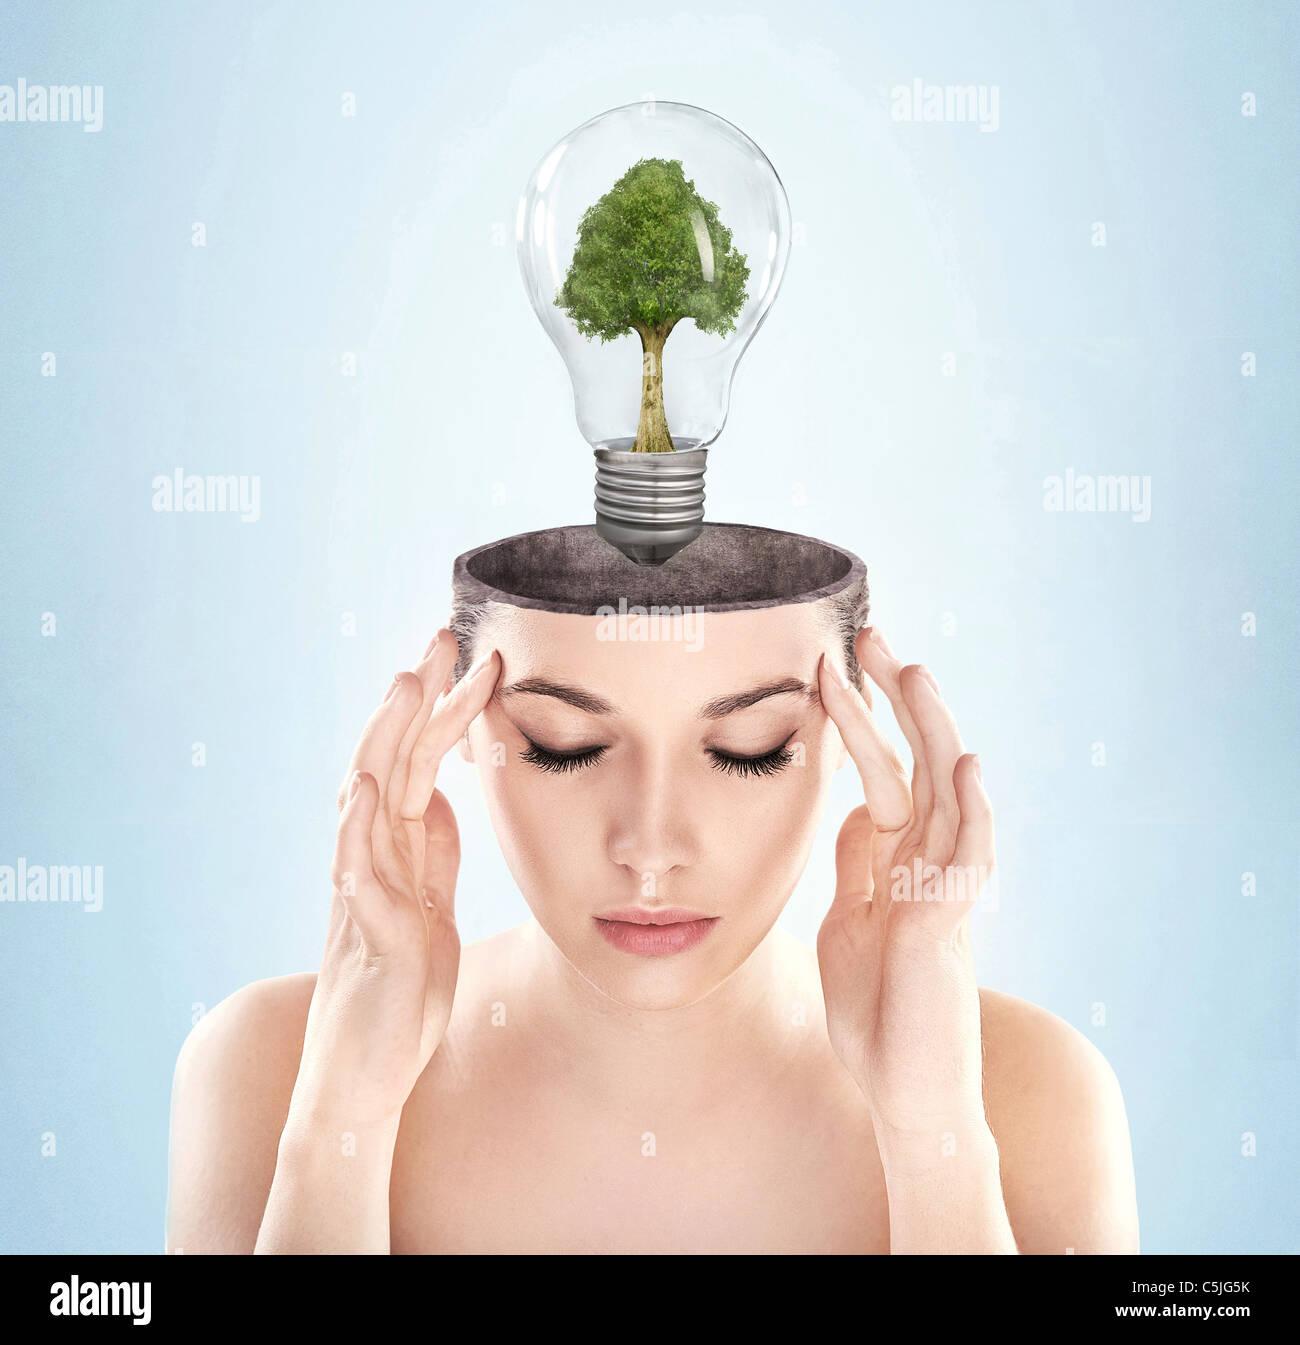 Ouvert d'esprit femme symbole de l'énergie Banque D'Images